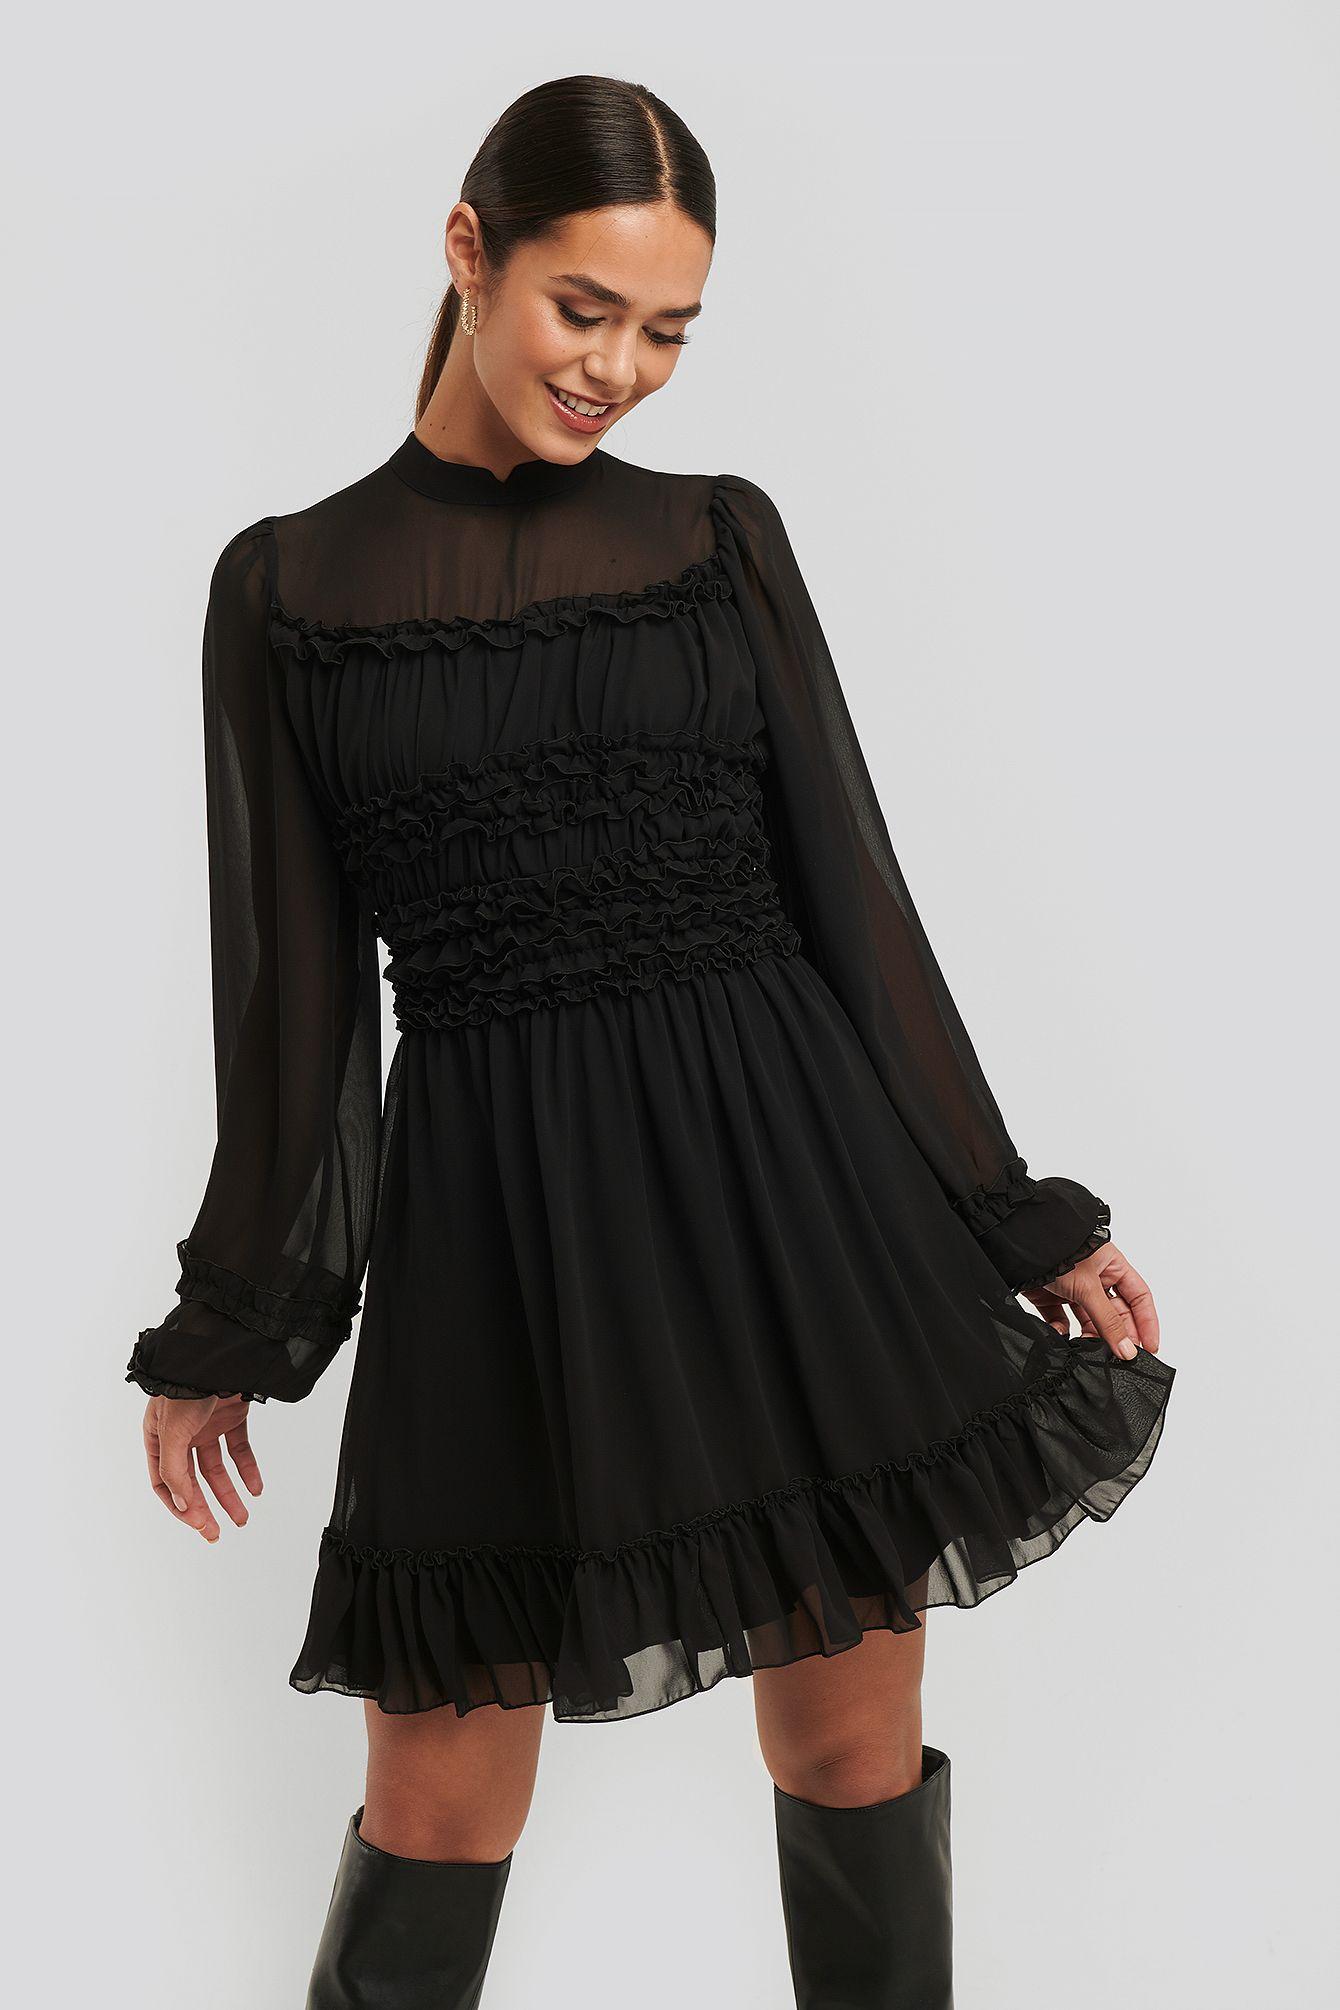 Ruffle Detail Dress in 19  Schwarzes kleid, Neues kleid, Kleider